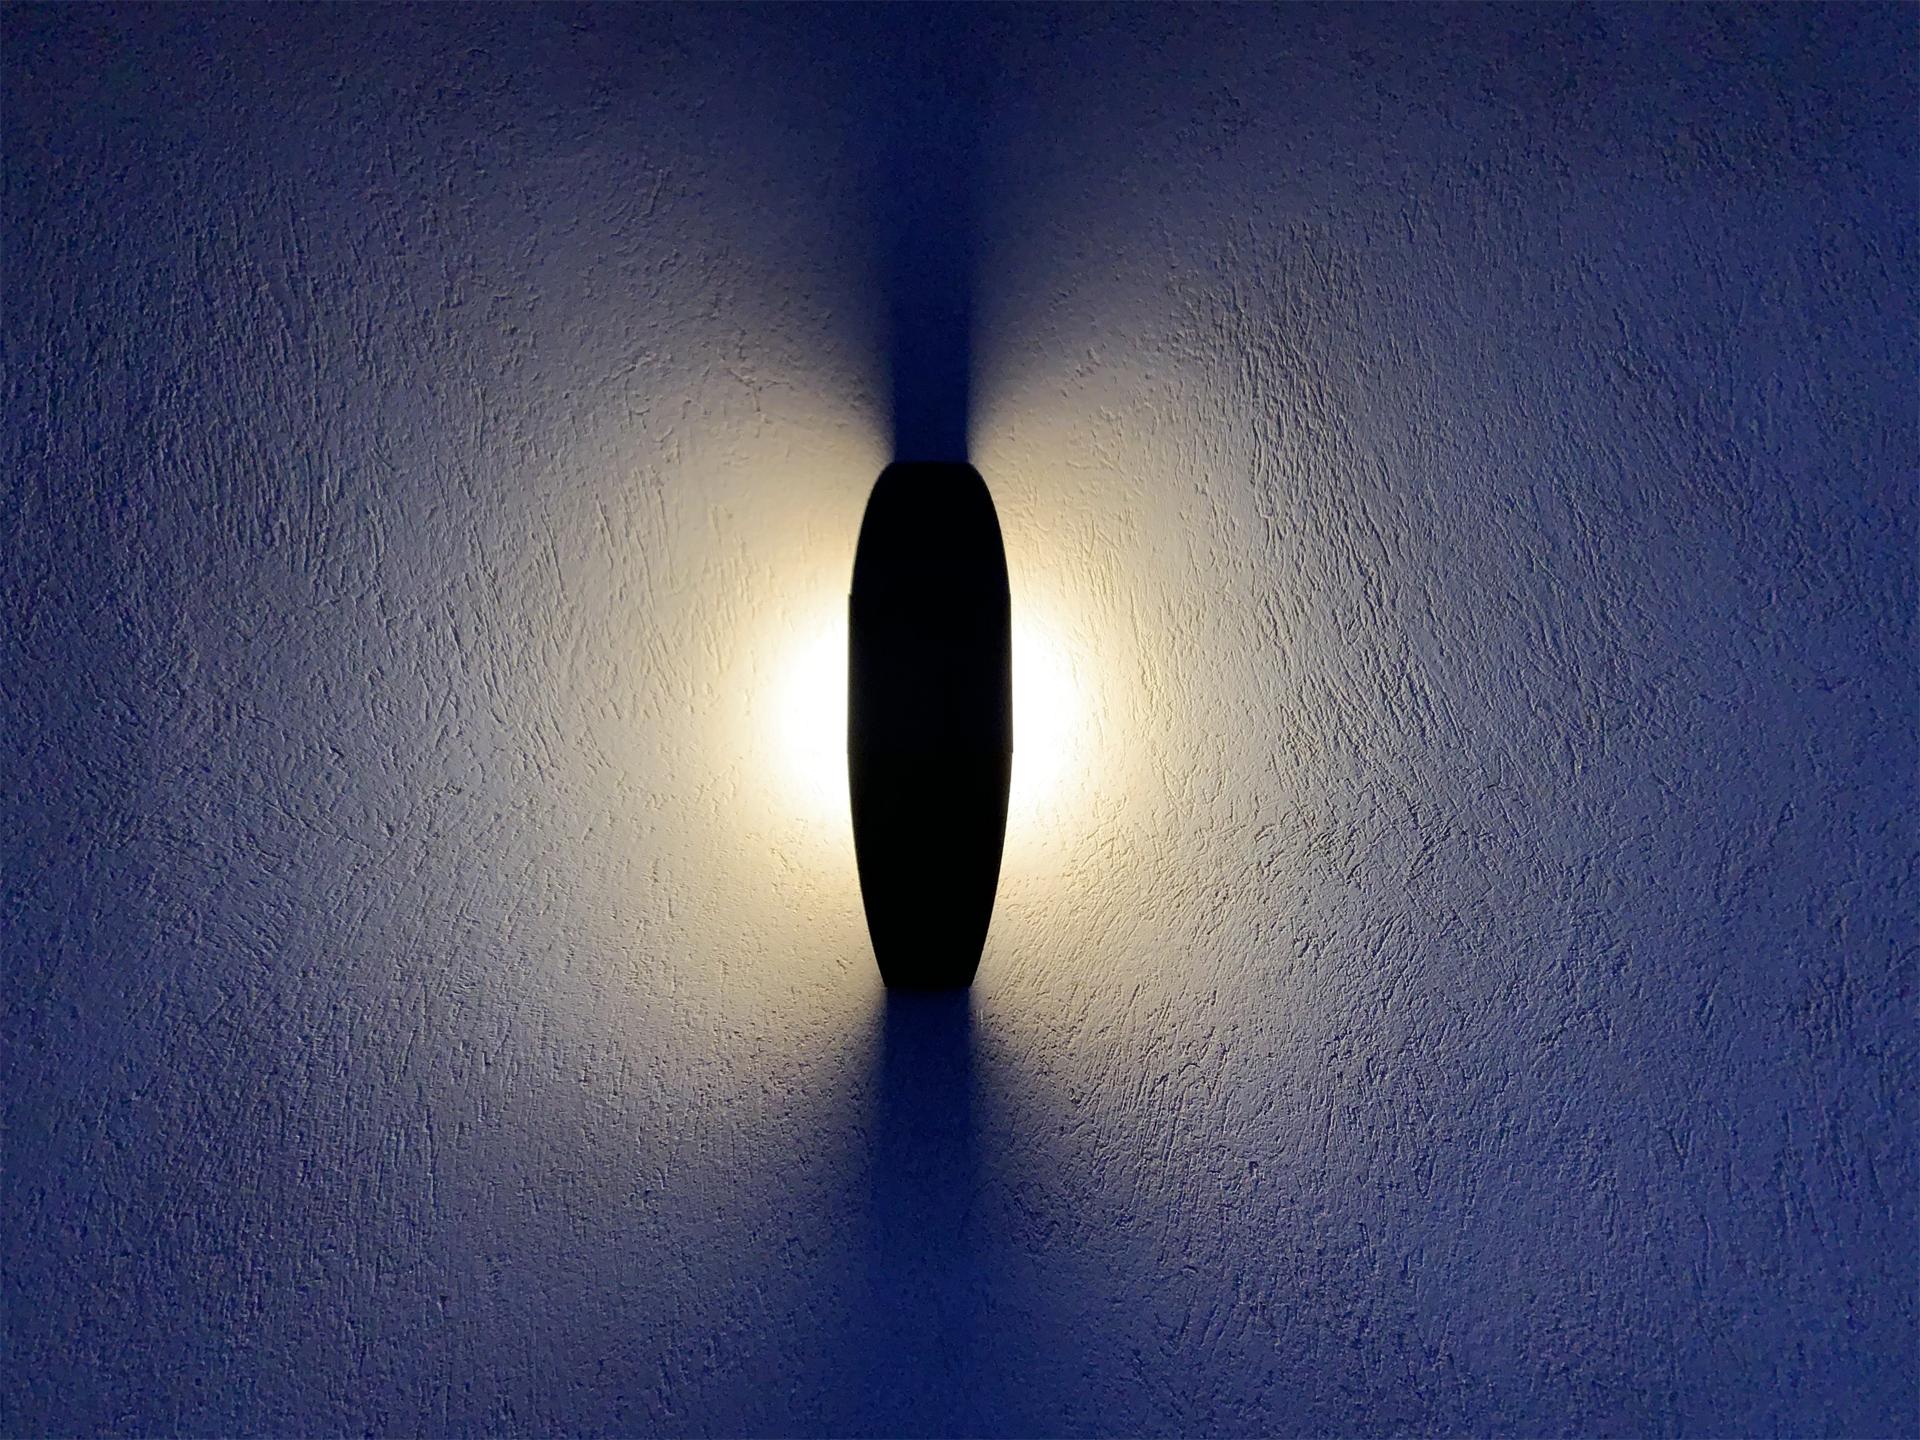 L'applique extérieur solaire Trait de Lune est une lampe extérieur murale solaire éditée par LYX Luminaires fabriquée en acier. Cette applique extérieur puissante permet un éclairage performant et un éclairage unique grâce à son design original. L'applique solaire murale Trait de Lune dispose d'un capteur solaire performant. L'applique extérieur design Trait de Lune est idéale pour l'éclairage de façade, l'éclairage mural, l'éclairage d'entrée, l'éclairage de terrasse, l'éclairage de balcon. Les lampes d'extérieur solaires murales LYX Luminaires offrent un éclairage design un éclairage original et un éclairage moderne. La lampe d'extérieur murale solaire Trait de Lune est déclinée en borne d'extérieur LED, en spot LED, en applique murale LED et en borne extérieure solaire. Les lampes extérieures murales LYX Luminaires offrent un éclairage moderne. / The Trait de Lune solar outdoor wall lamp is a solar wall lamp edited by LYX Luminaires made of steel. This powerful outdoor wall light provides high performance and unique lighting thanks to its original design. The Trait de Lune solar wall lamp has a high-performance solar collector. The Trait de Lune design outdoor wall light is ideal for facade lighting, wall lighting, entrance lighting, terrace lighting, balcony lighting. LYX Luminaires solar wall outdoor wall lights offer design lighting, original lighting and modern lighting. The Trait de Lune solar wall outdoor wall lamp is available as LED outdoor pathway light, LED spotlight, LED wall light and solar outdoor pathway light. LYX Luminaires outdoor wall lights offer modern lighting. / Lampe extérieure jardin pour un éclairage extérieur design. Version lampe solaire jardin ou lampe jardin LED. Cette lampe de jardin ou lampe terrasse est une lampe de jardin avec détecteur. Fabriquée en acier, la lampe jardin détecteur permet un éclairage solaire ou un éclairage LED puissant selon le modèle choisi. Découvrez la collection de luminaires extérieurs constituée de lampes